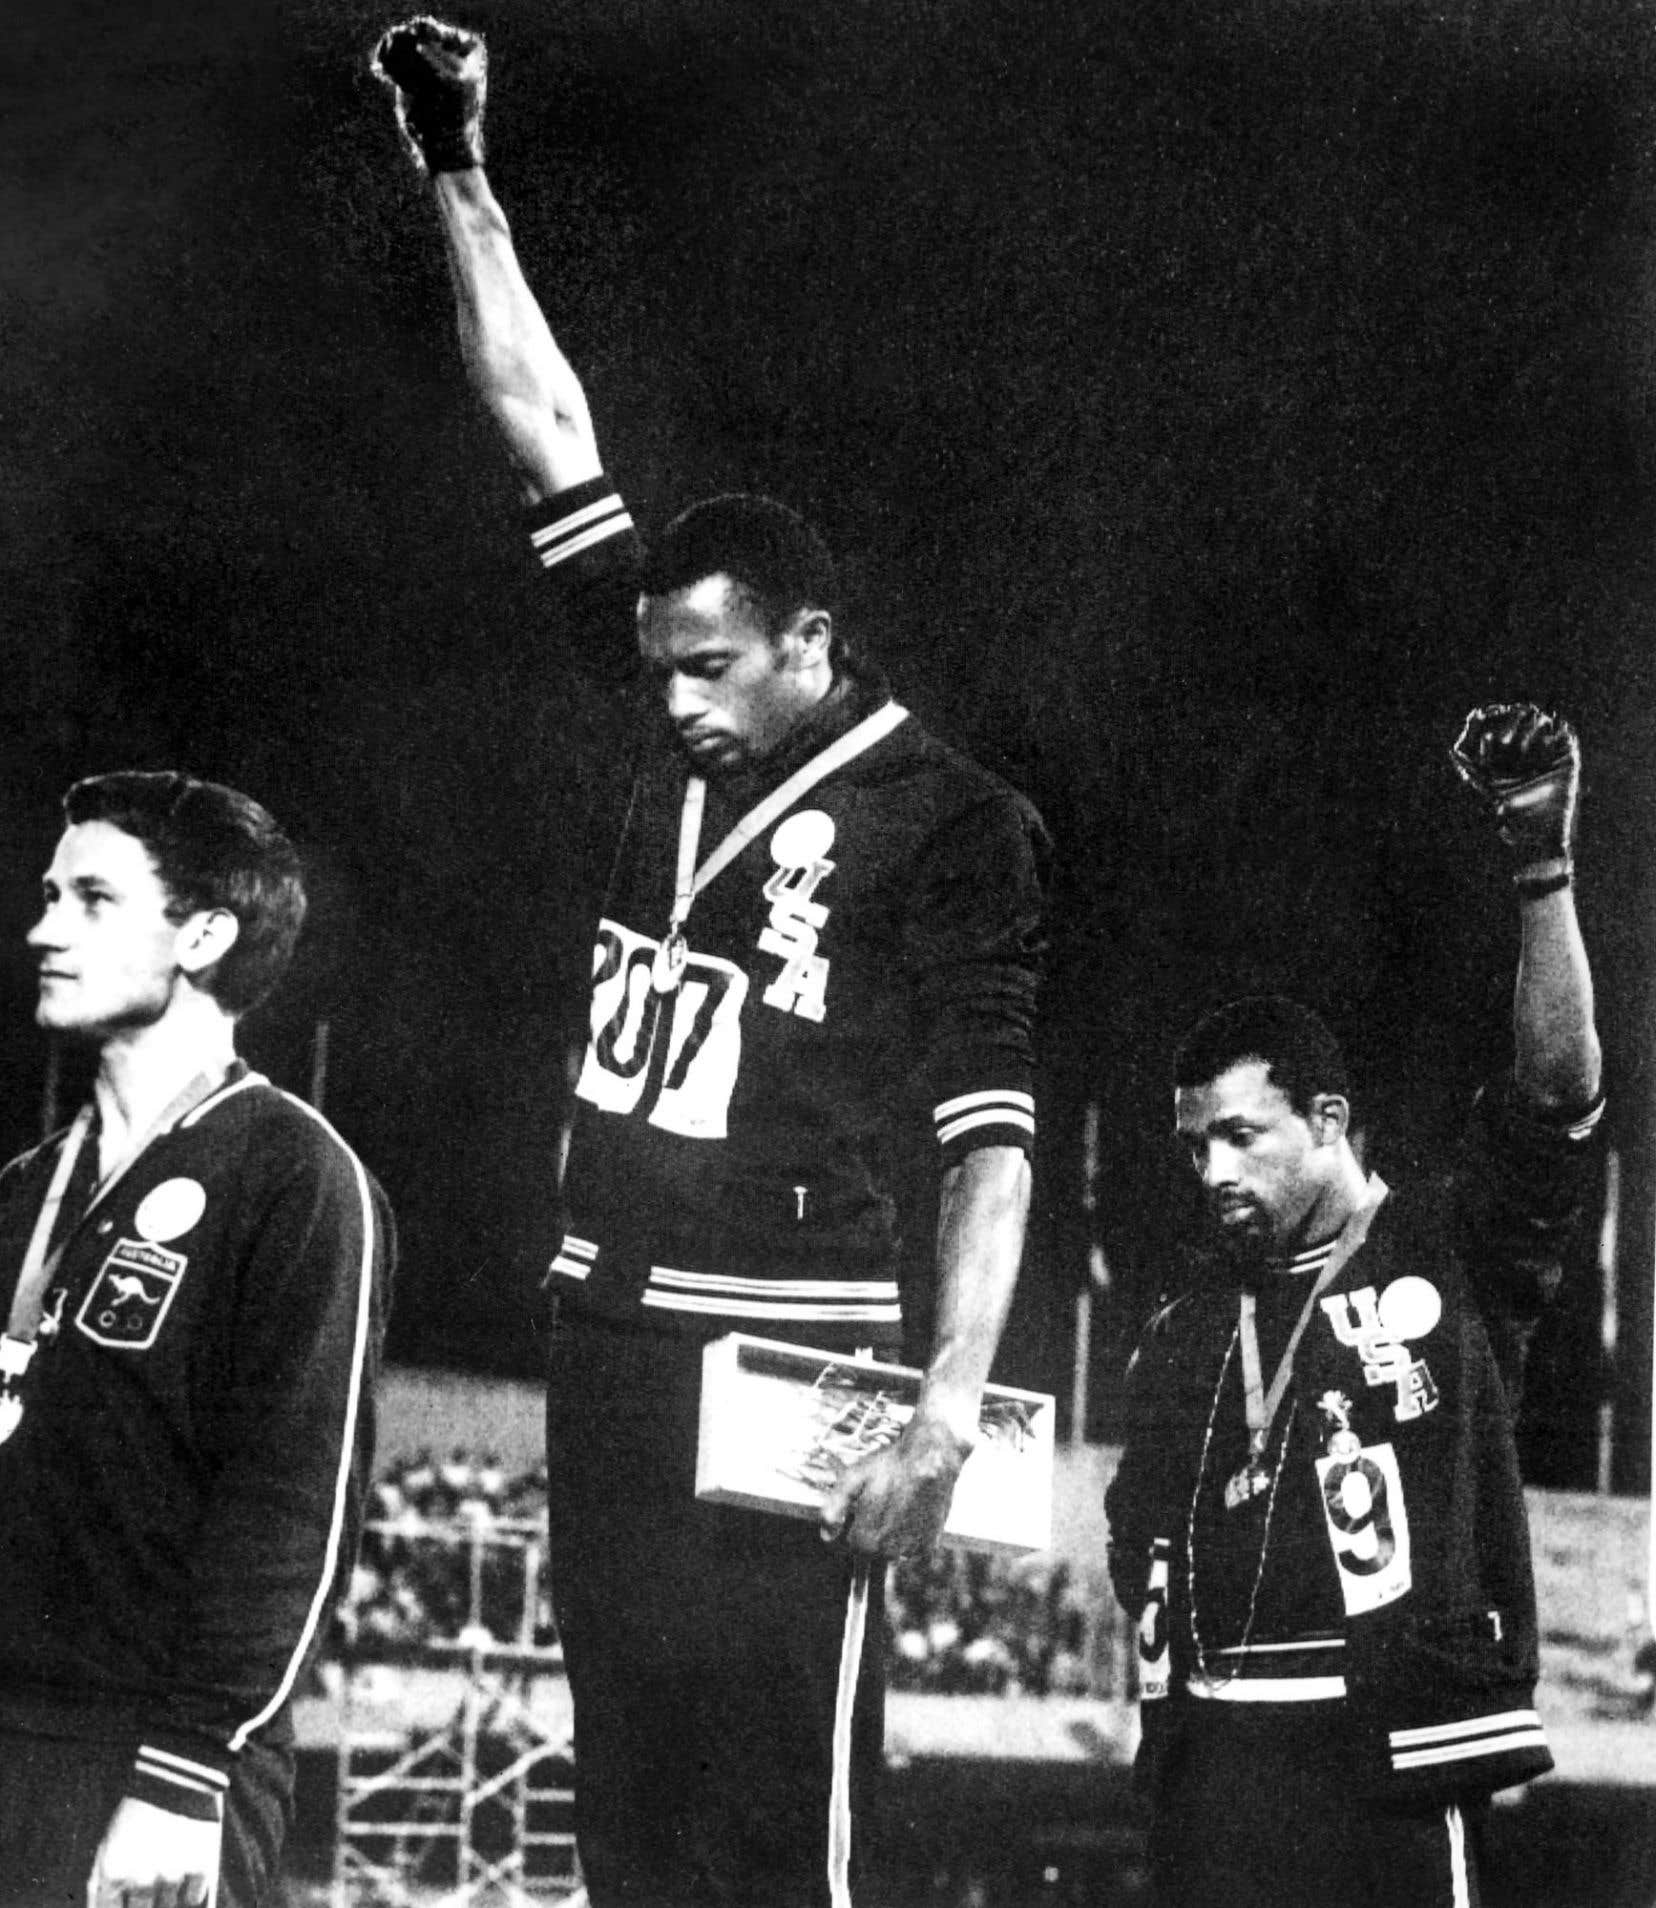 En 1968, aux Jeux olympiques de Mexico, les coureurs américains Tommie Smith et John Carlos lèvent le poing ganté sur le podium, en signe de soutien aux Black Panthers.